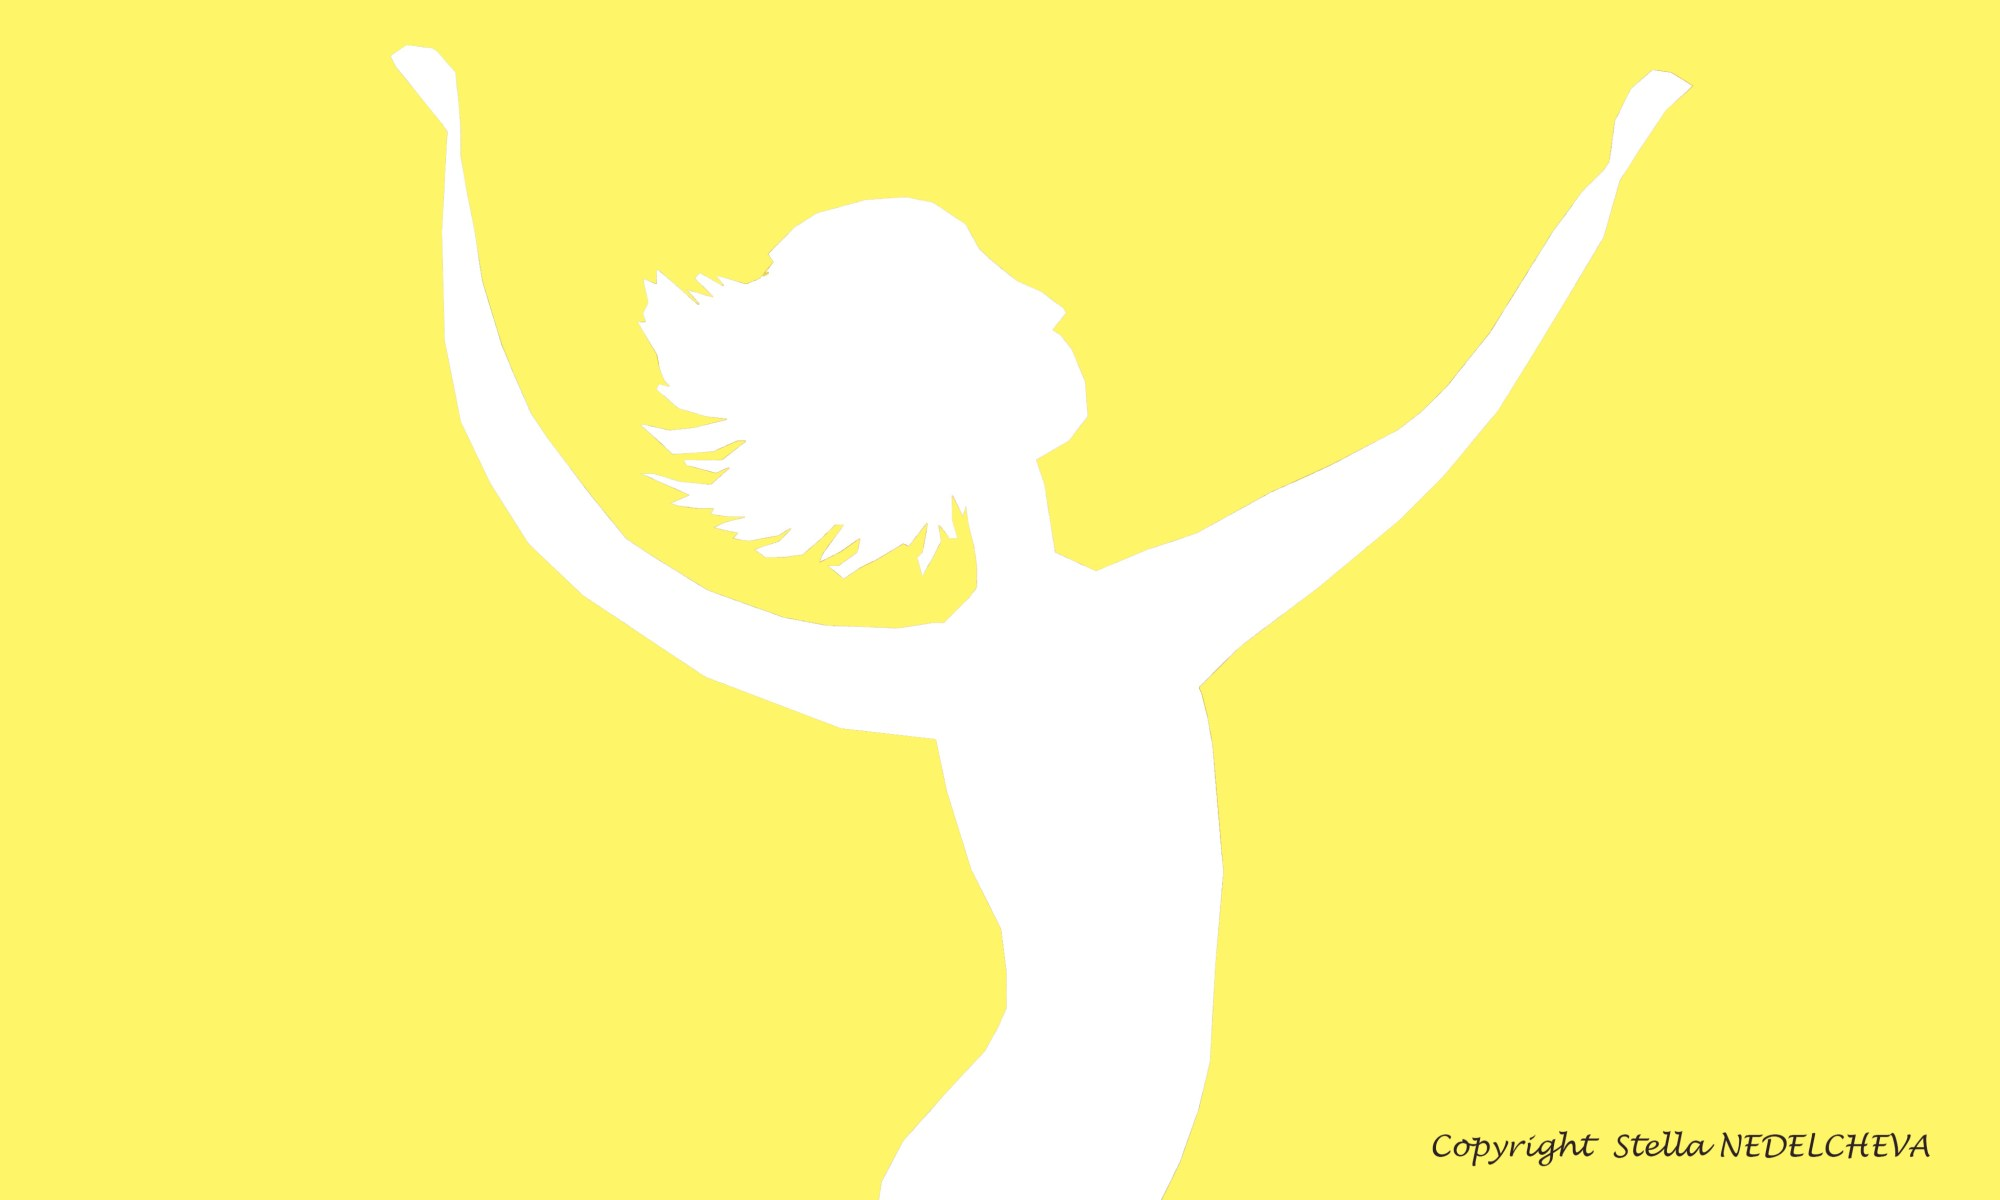 Silhouette blanche élancée avec les bras levés vers le ciel, fond jaune, lumineux